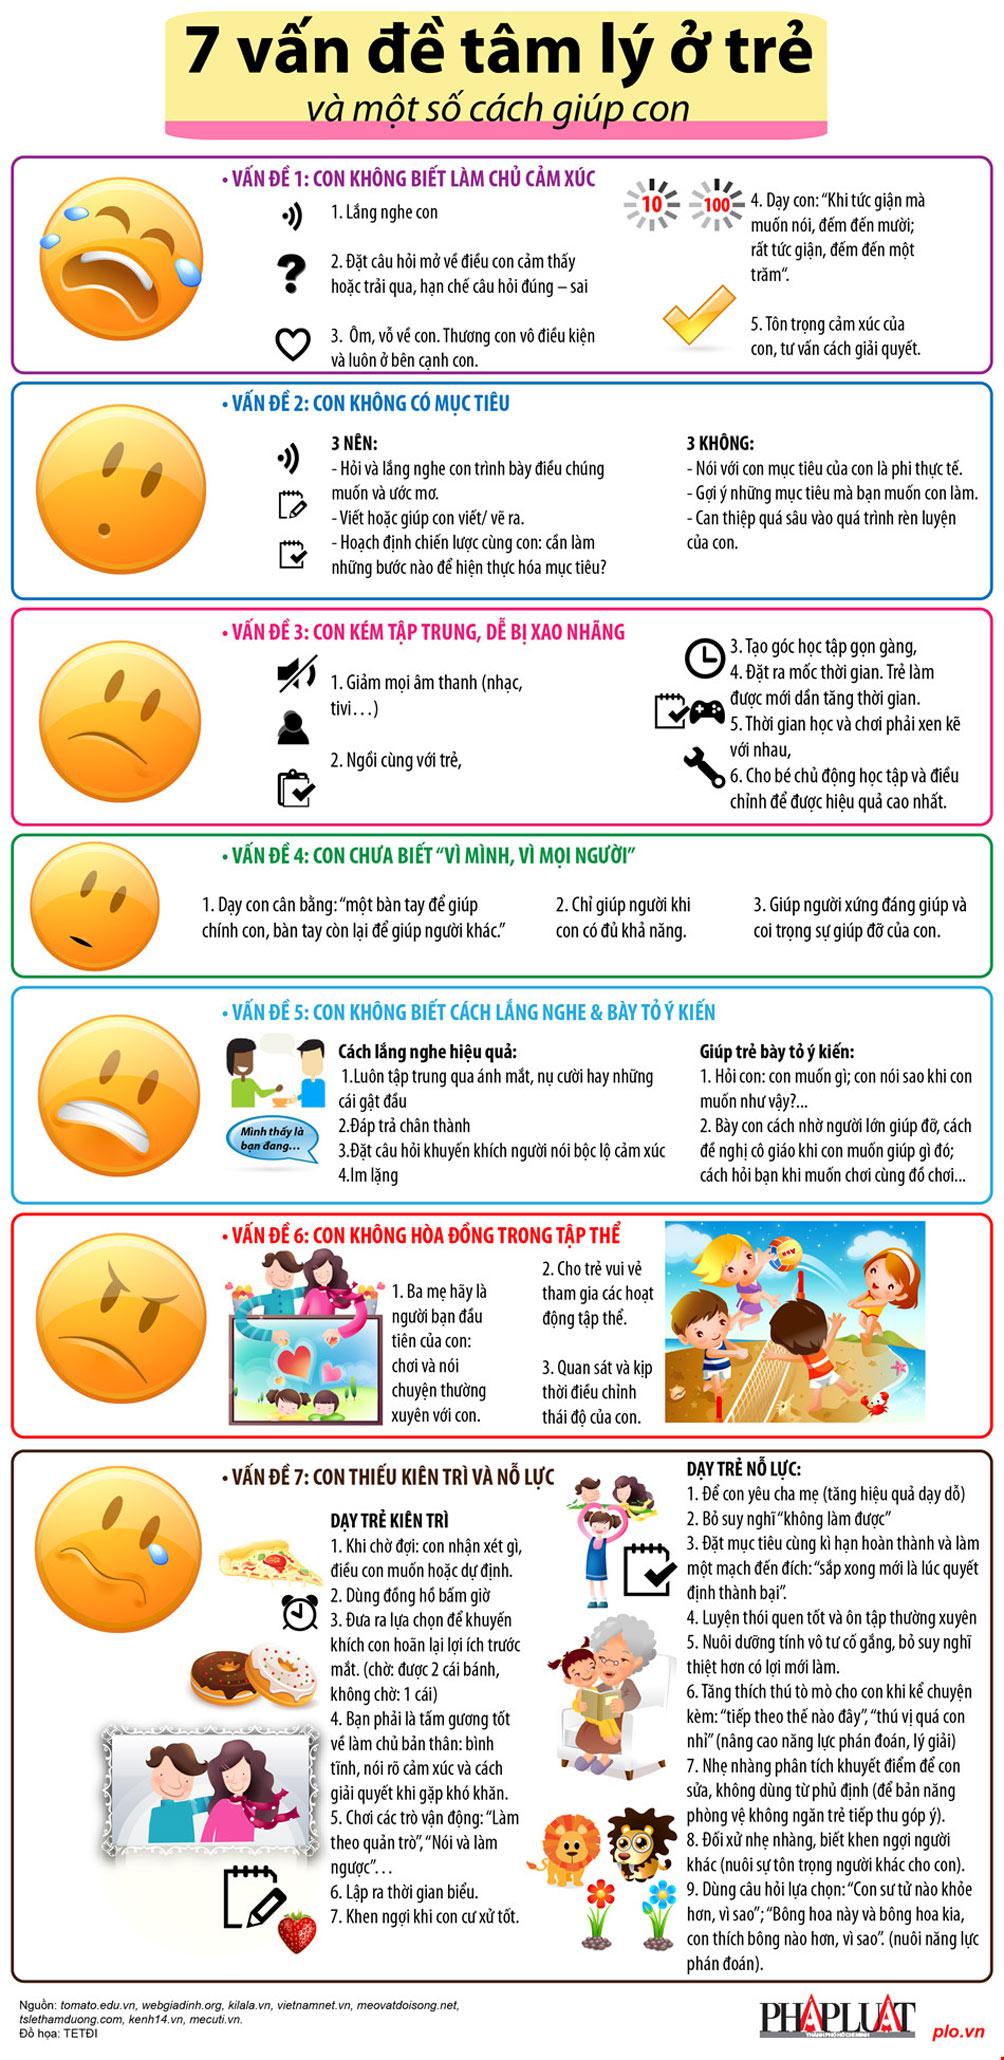 7 vấn đề tâm lý ở trẻ và một số cách giúp con - 1